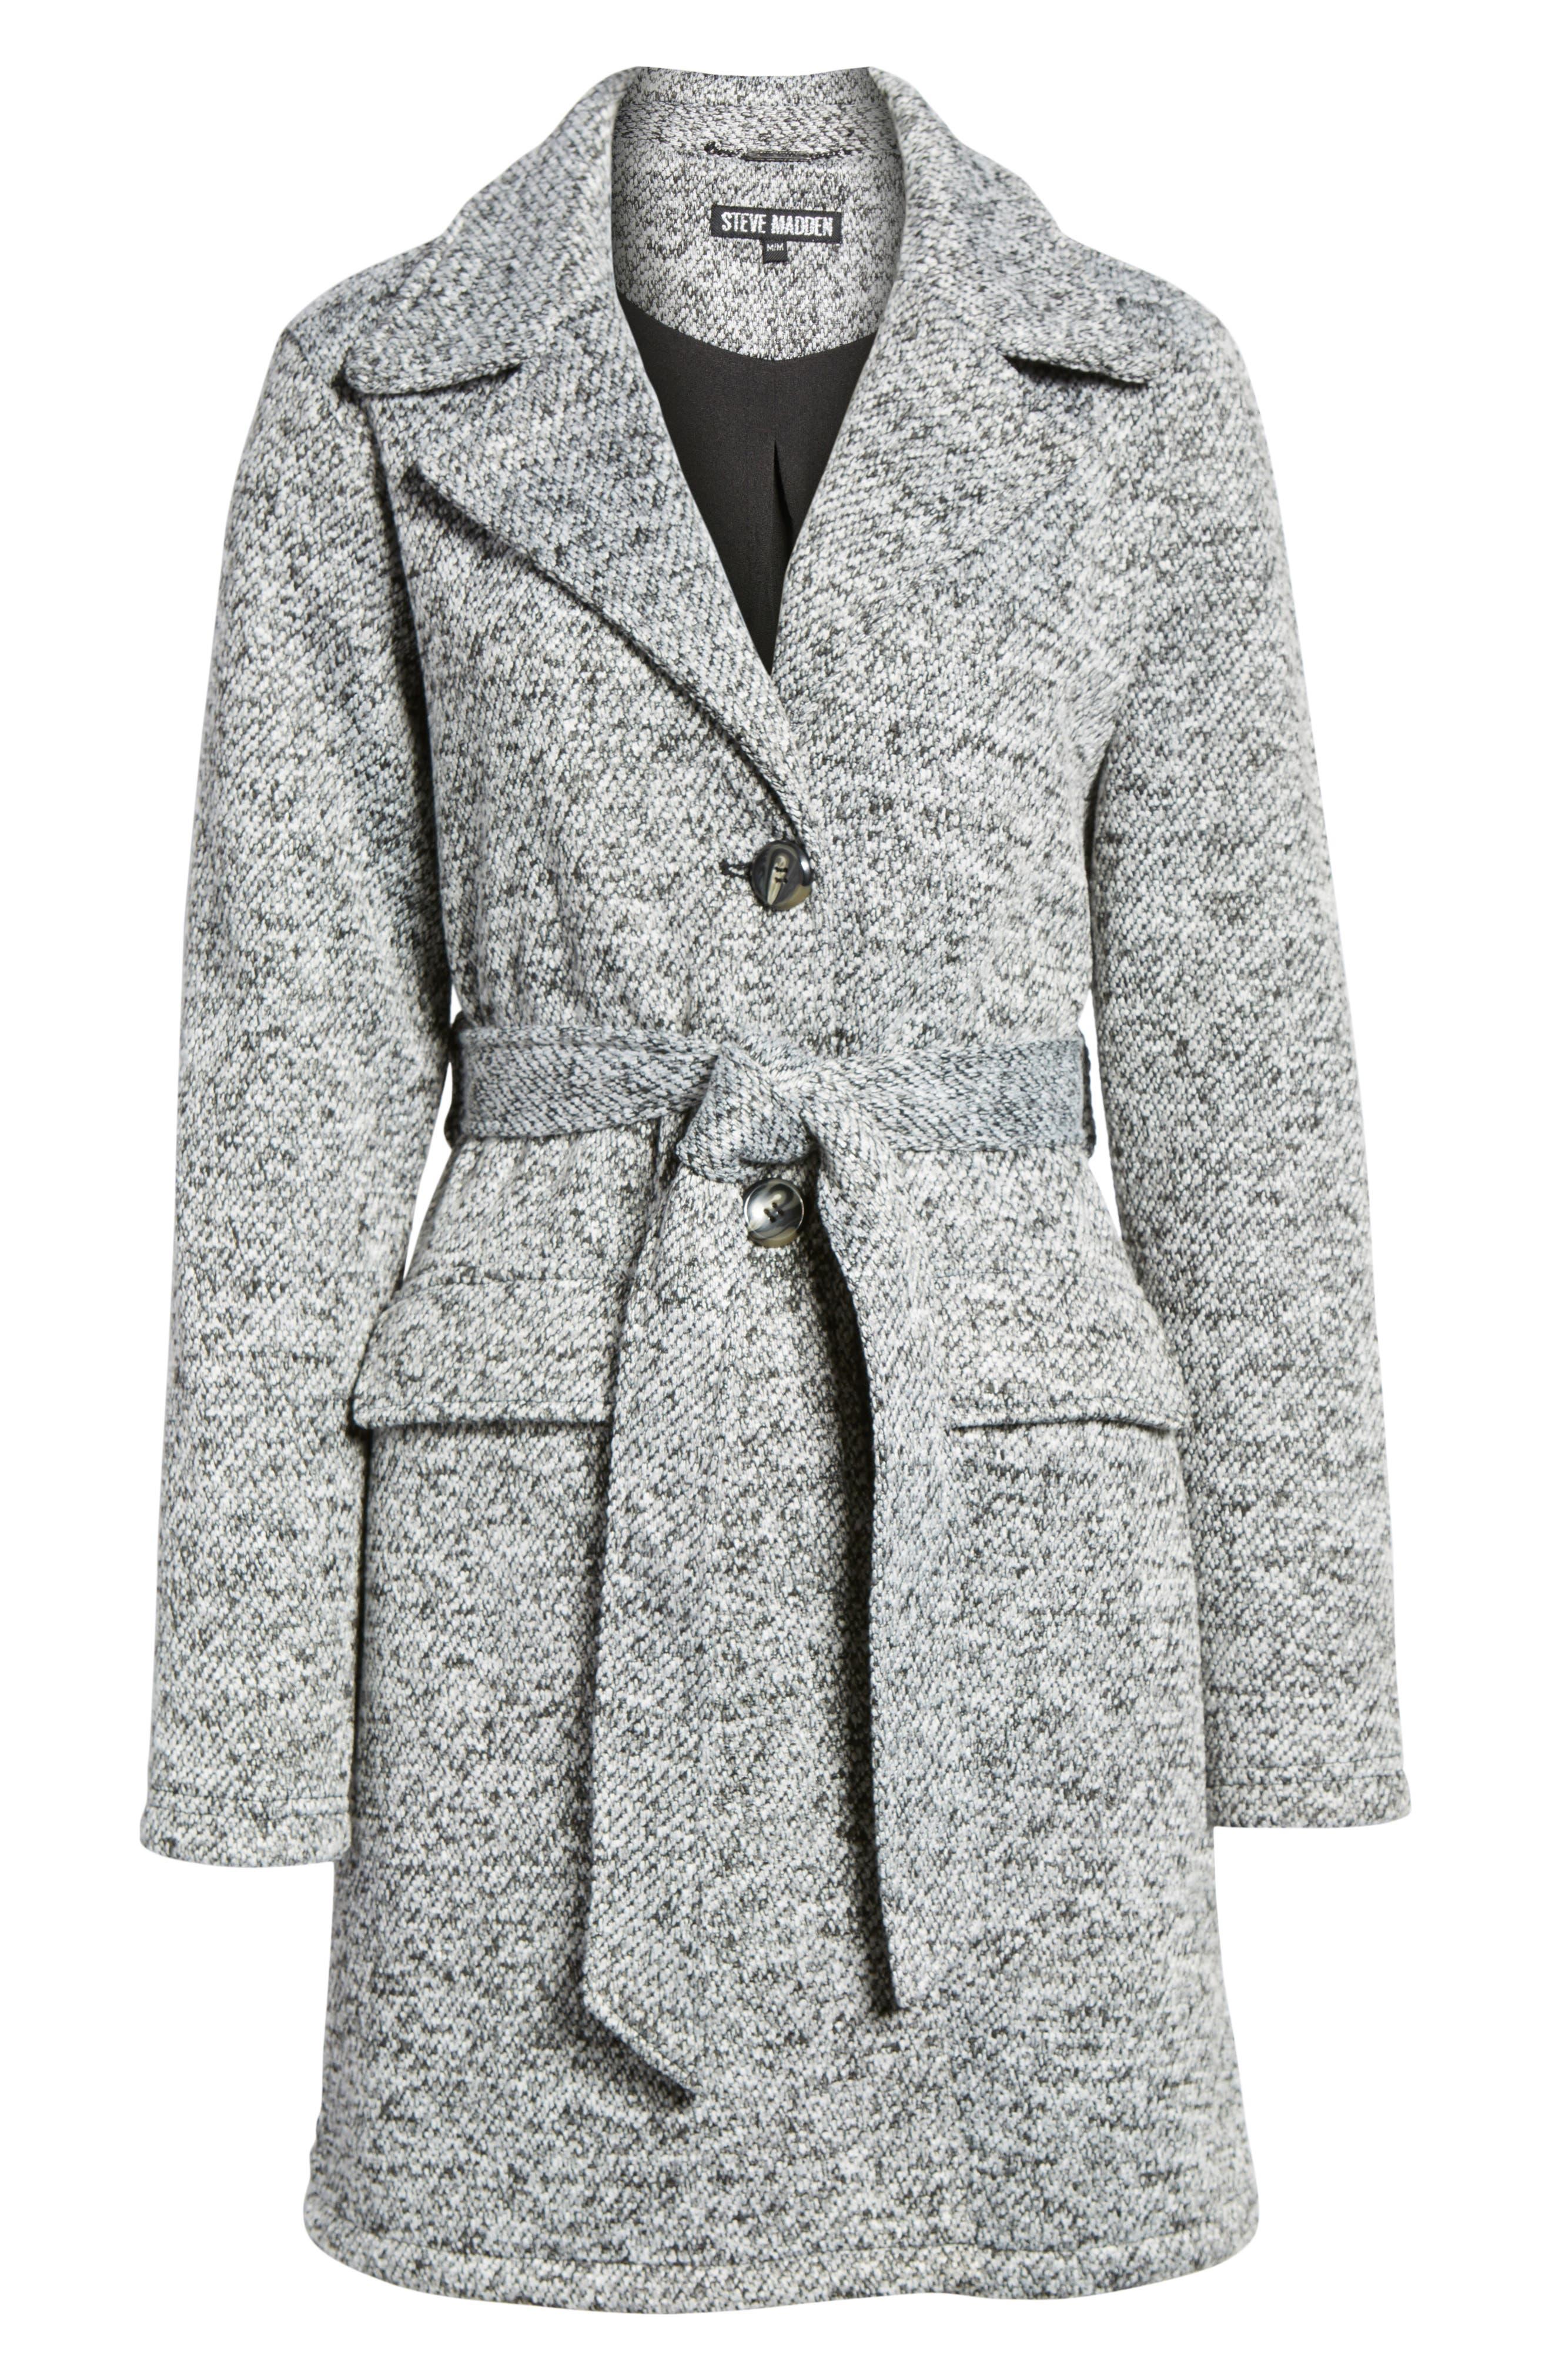 Belted Fleece Jacket,                             Alternate thumbnail 10, color,